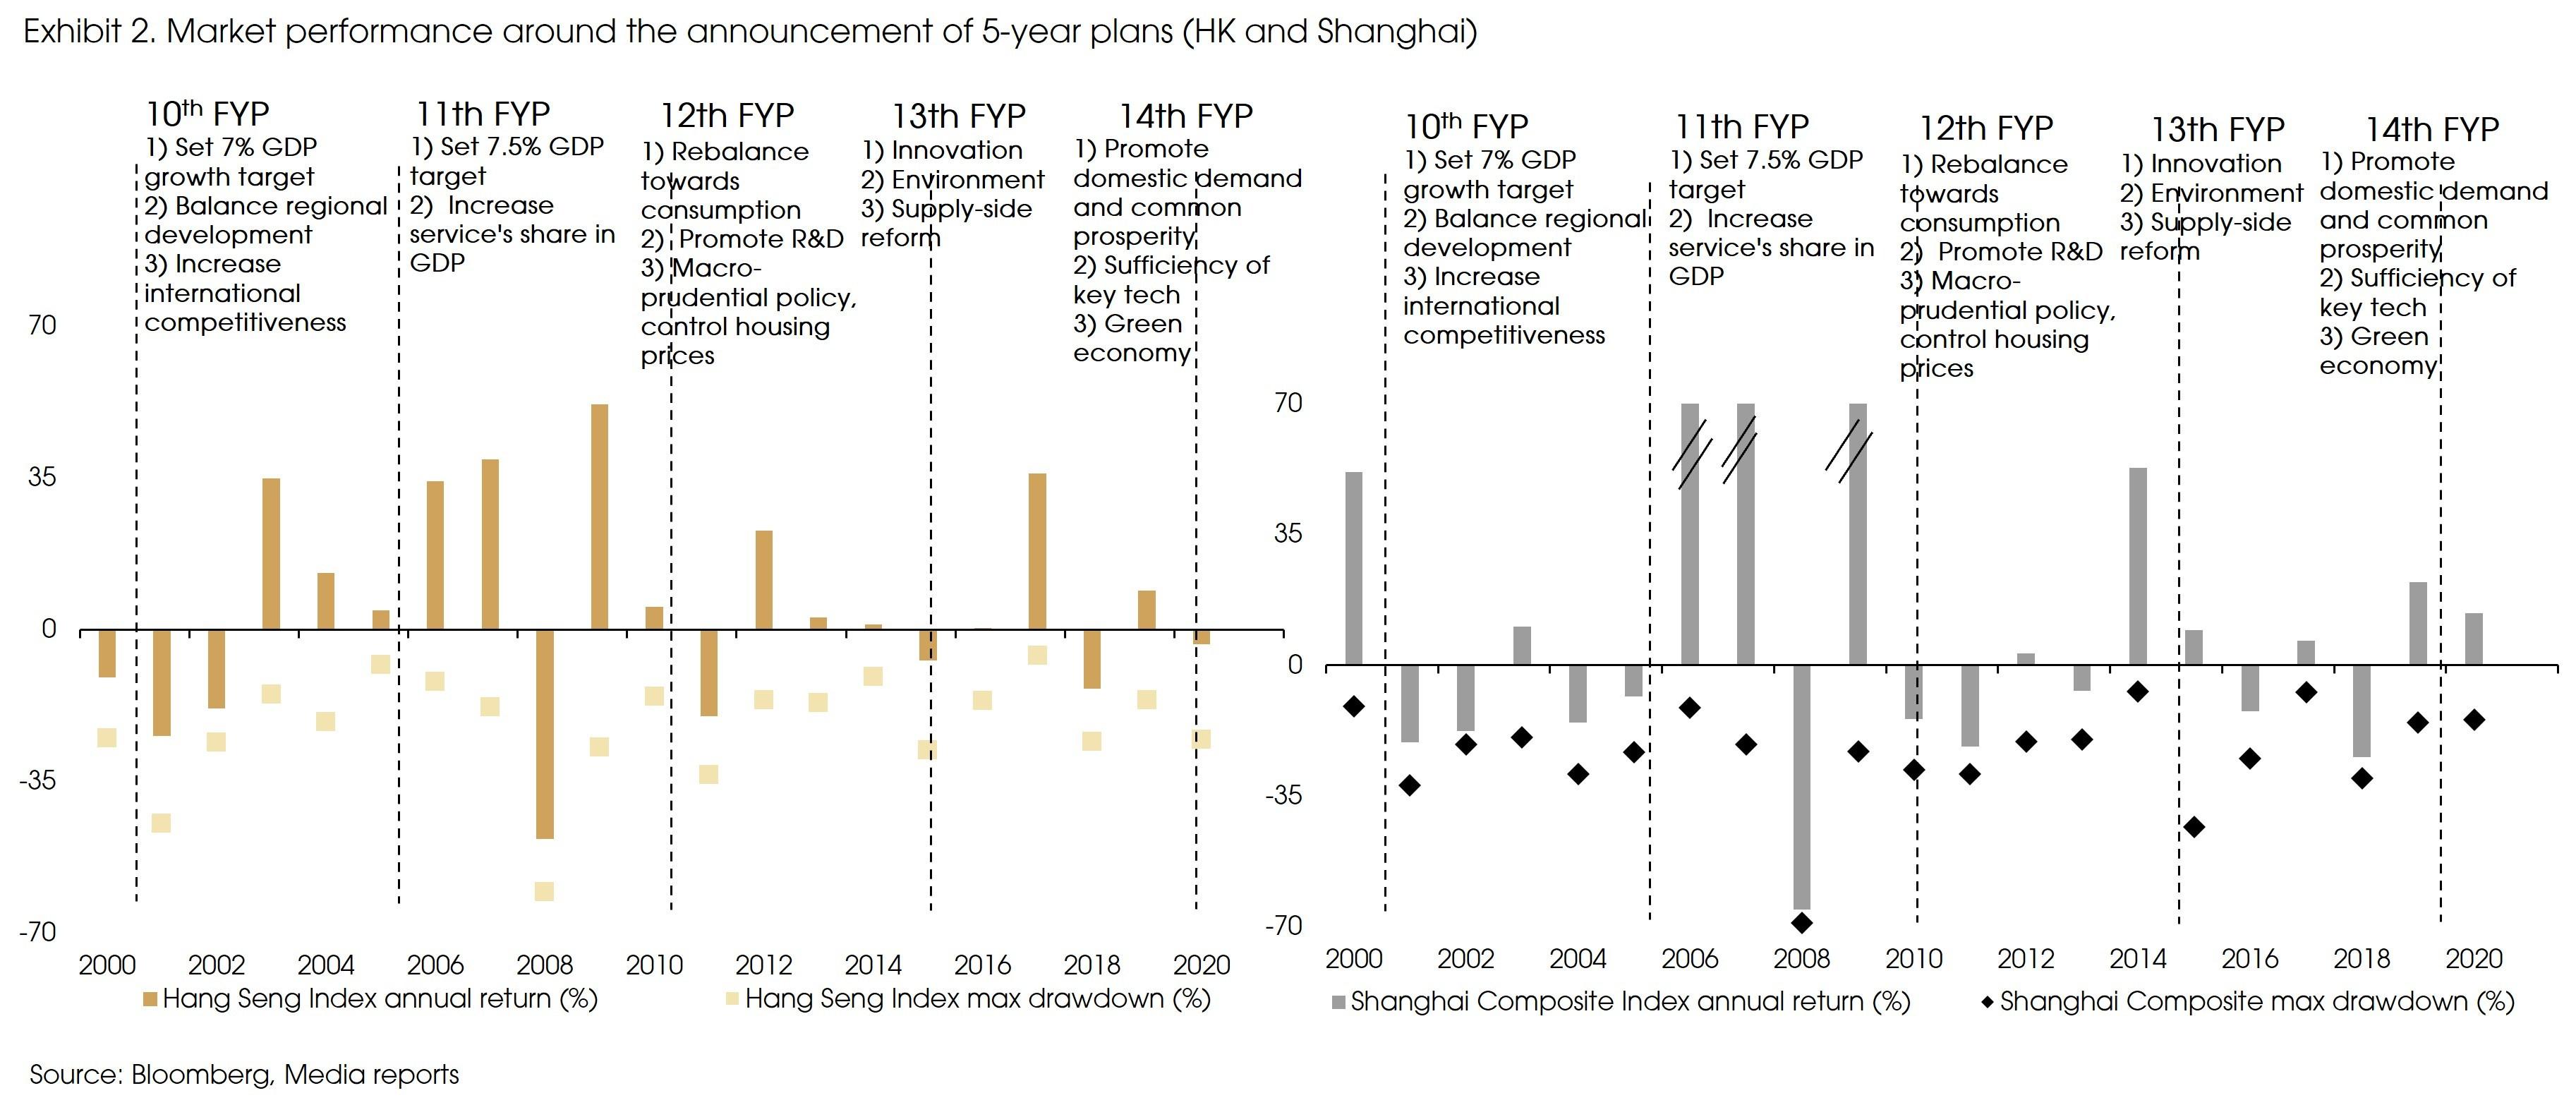 Exhibit 2 Market performance around 5 year plan announcements